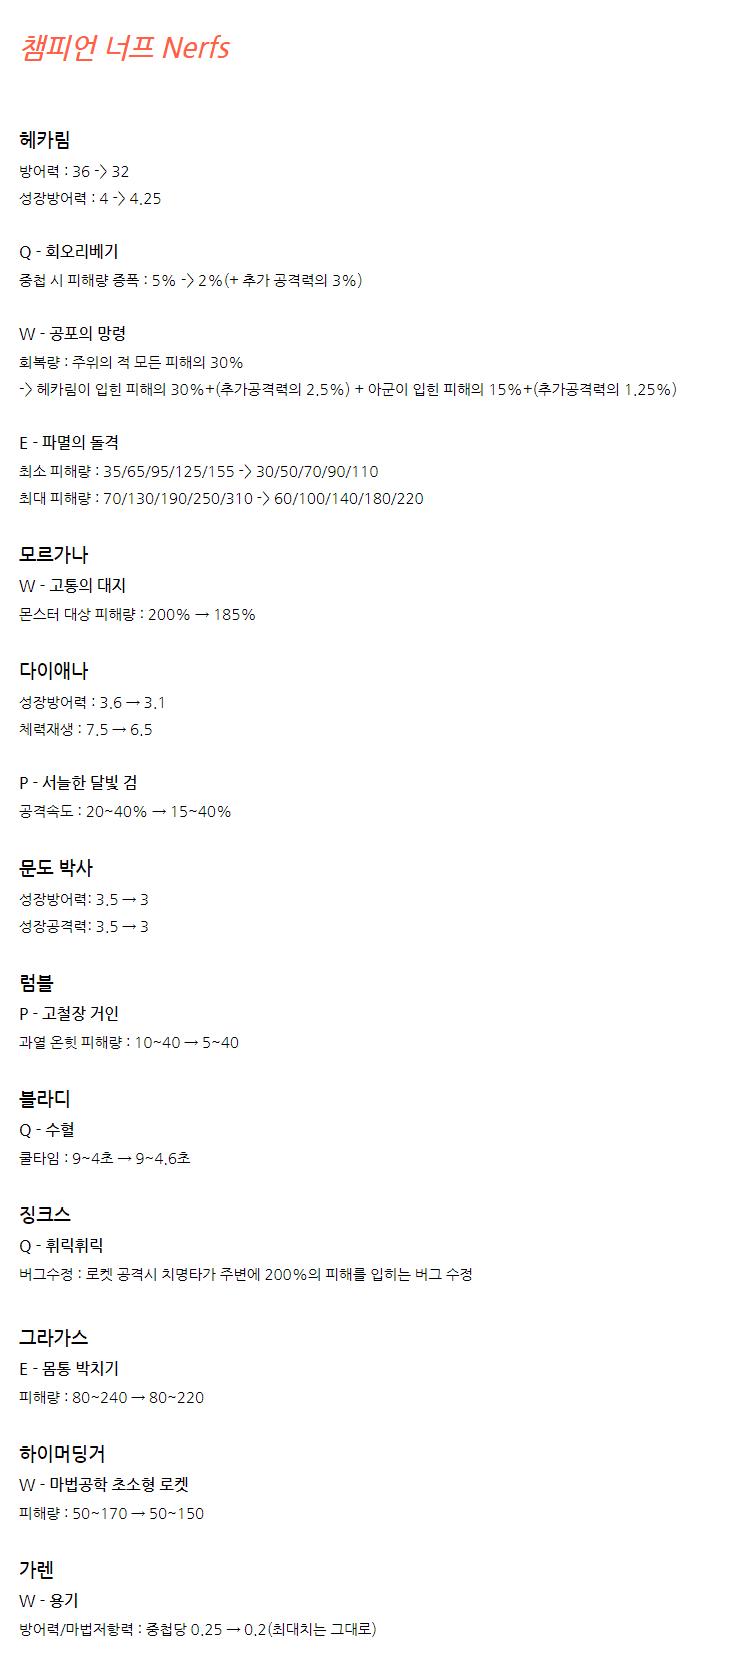 viewimage.php?id=21b8d121f0d737a062bad1b018d53769&no=24b0d769e1d32ca73cec81fa11d02831ce3cef1b9542c00ceb084720fba082314fa2c3ff7dc82f9ffca41fbf23134158d58fb782b294886941e055da81cdf69bb30d36ea0991657efdc578fa